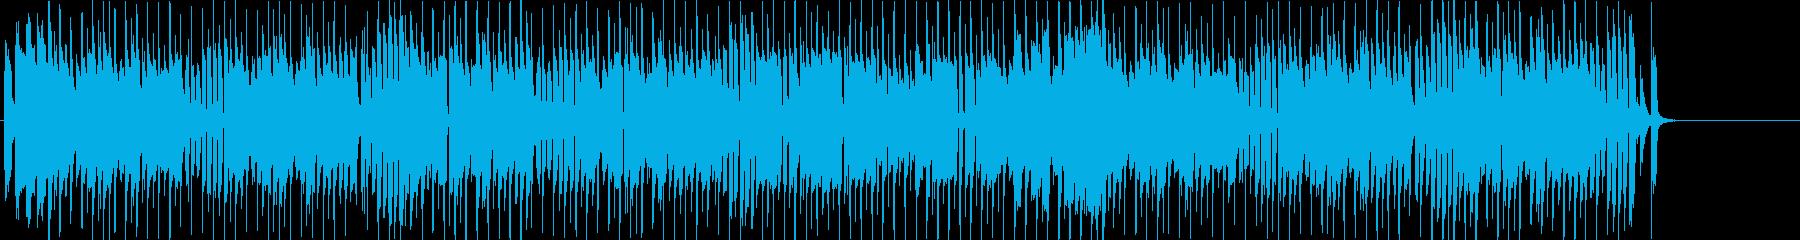 コミカル  かわいい にぎやか  楽しいの再生済みの波形